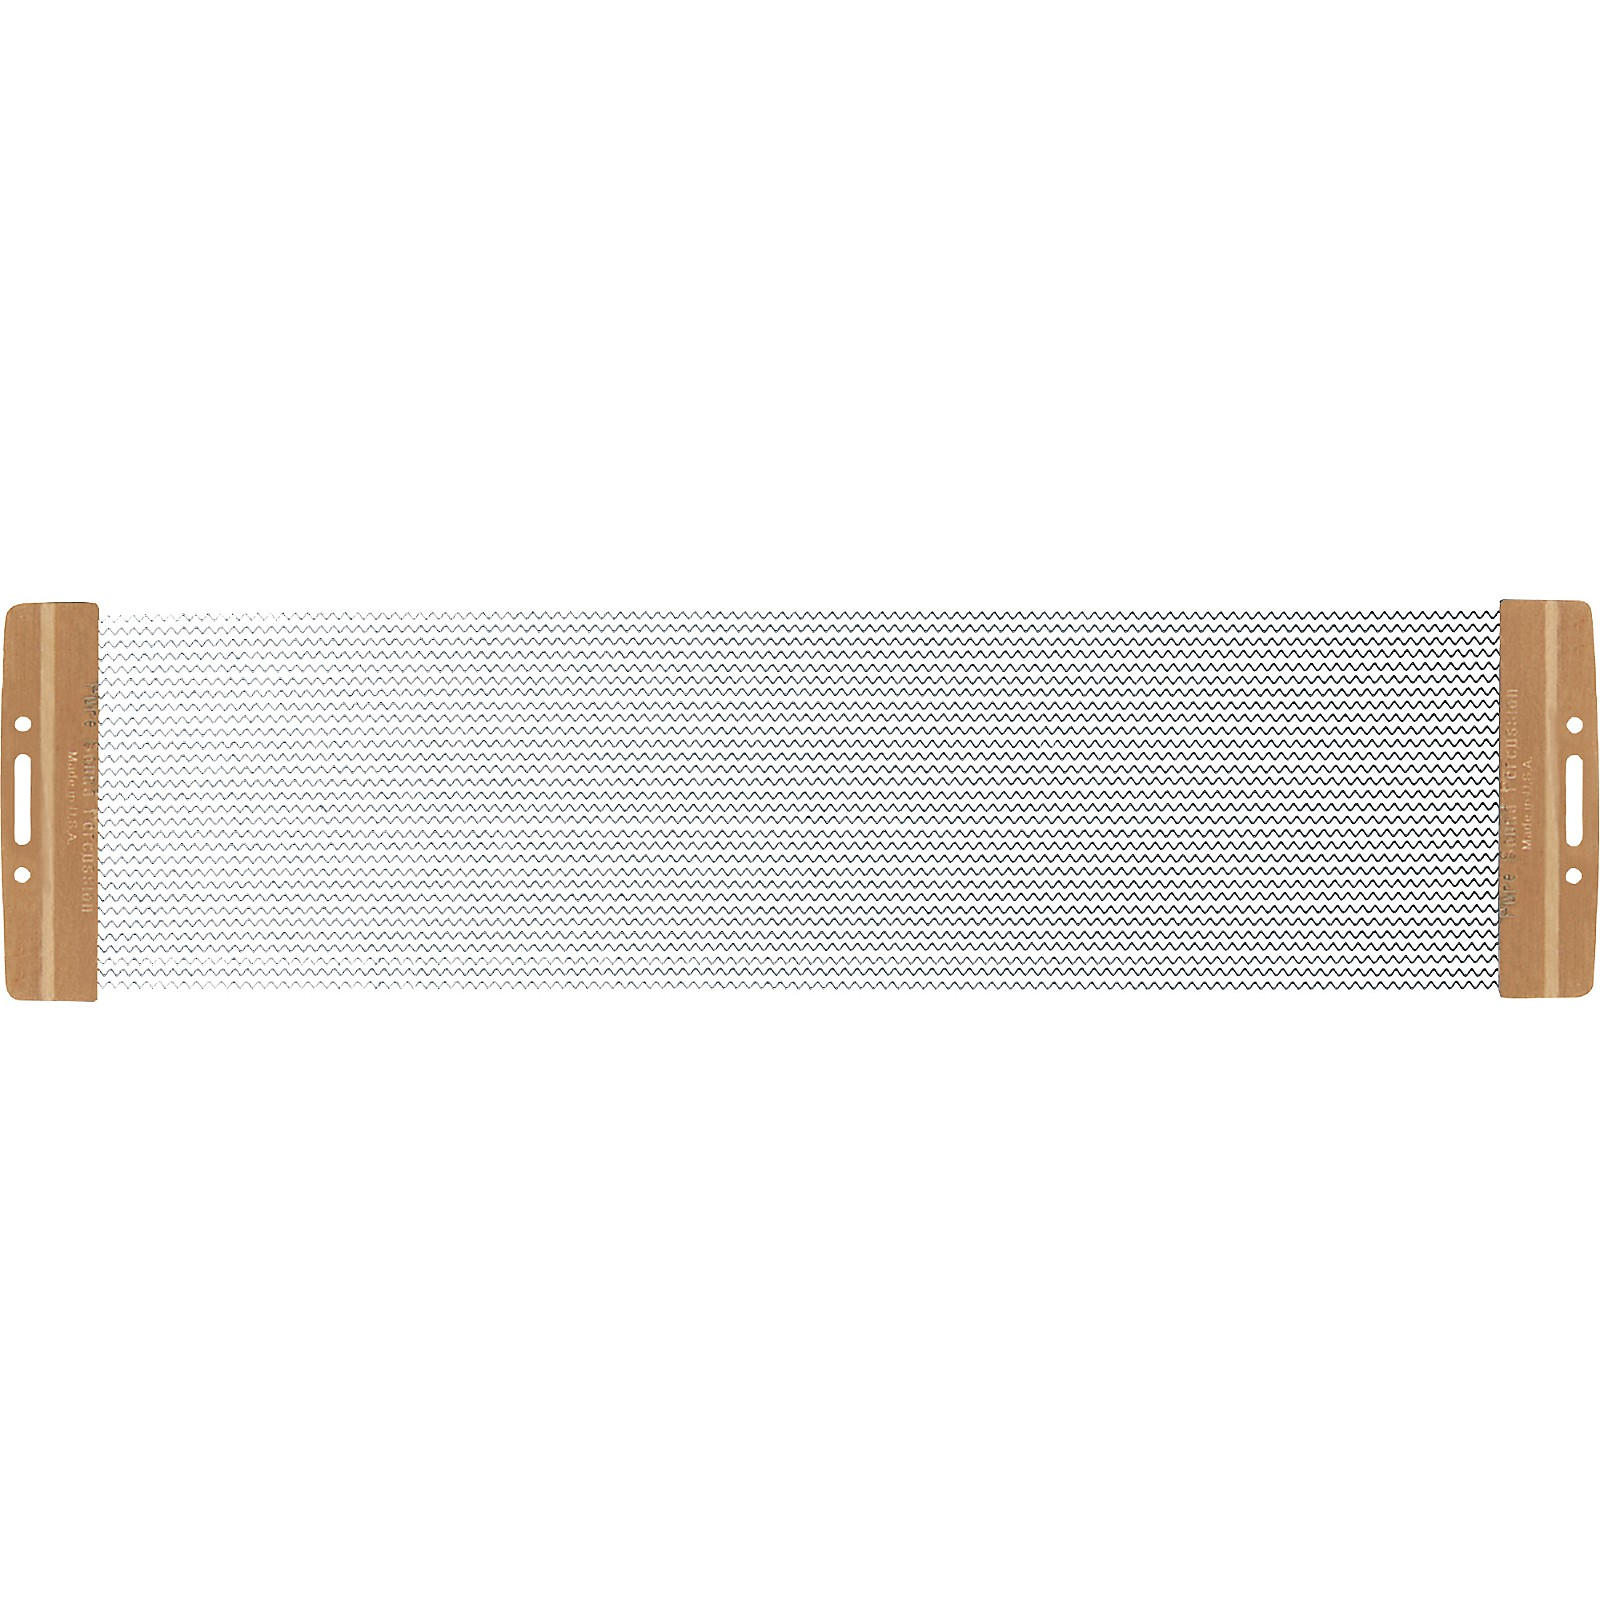 Puresound Super 30 Series Snare Wire